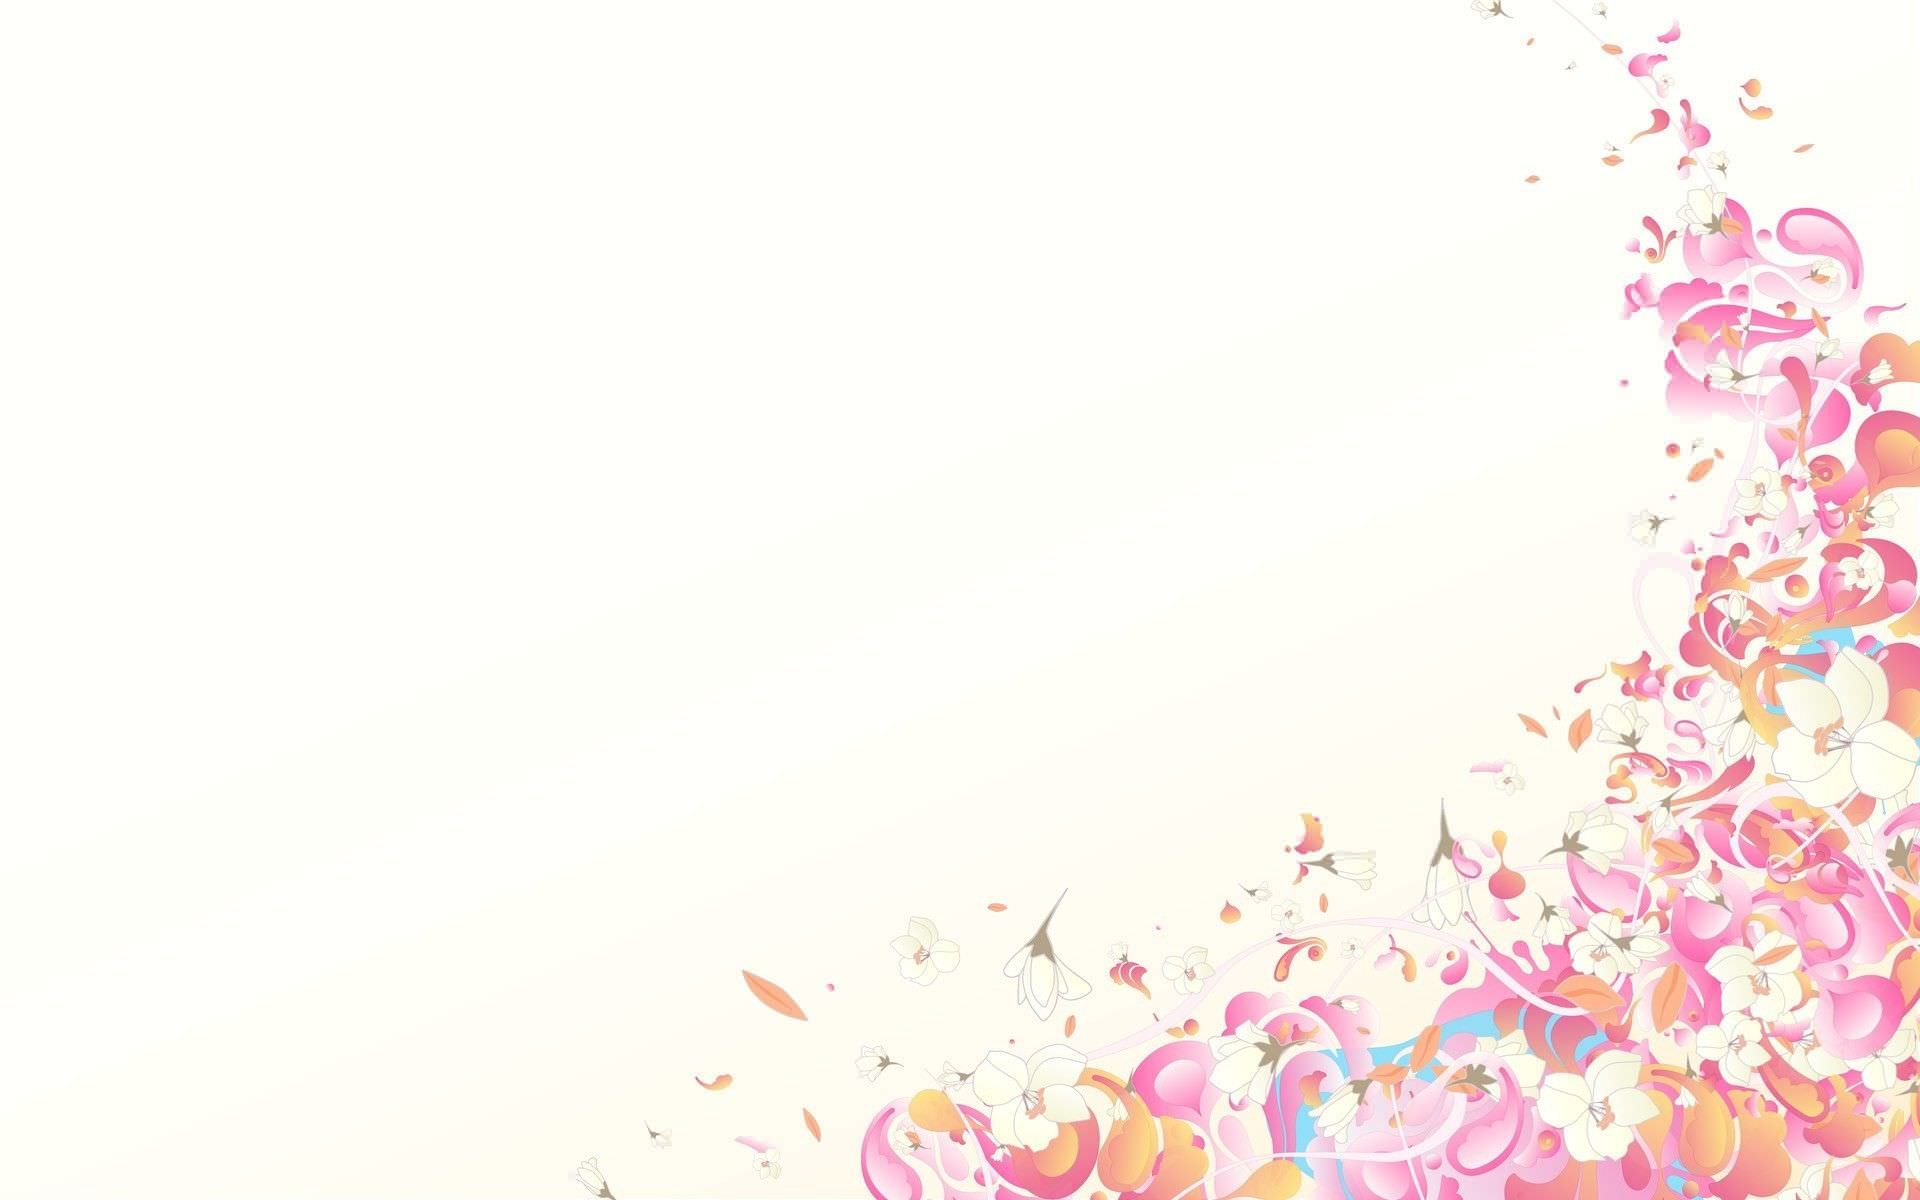 Pastel Pink Aesthetic Laptop Wallpapers - Top Free Pastel